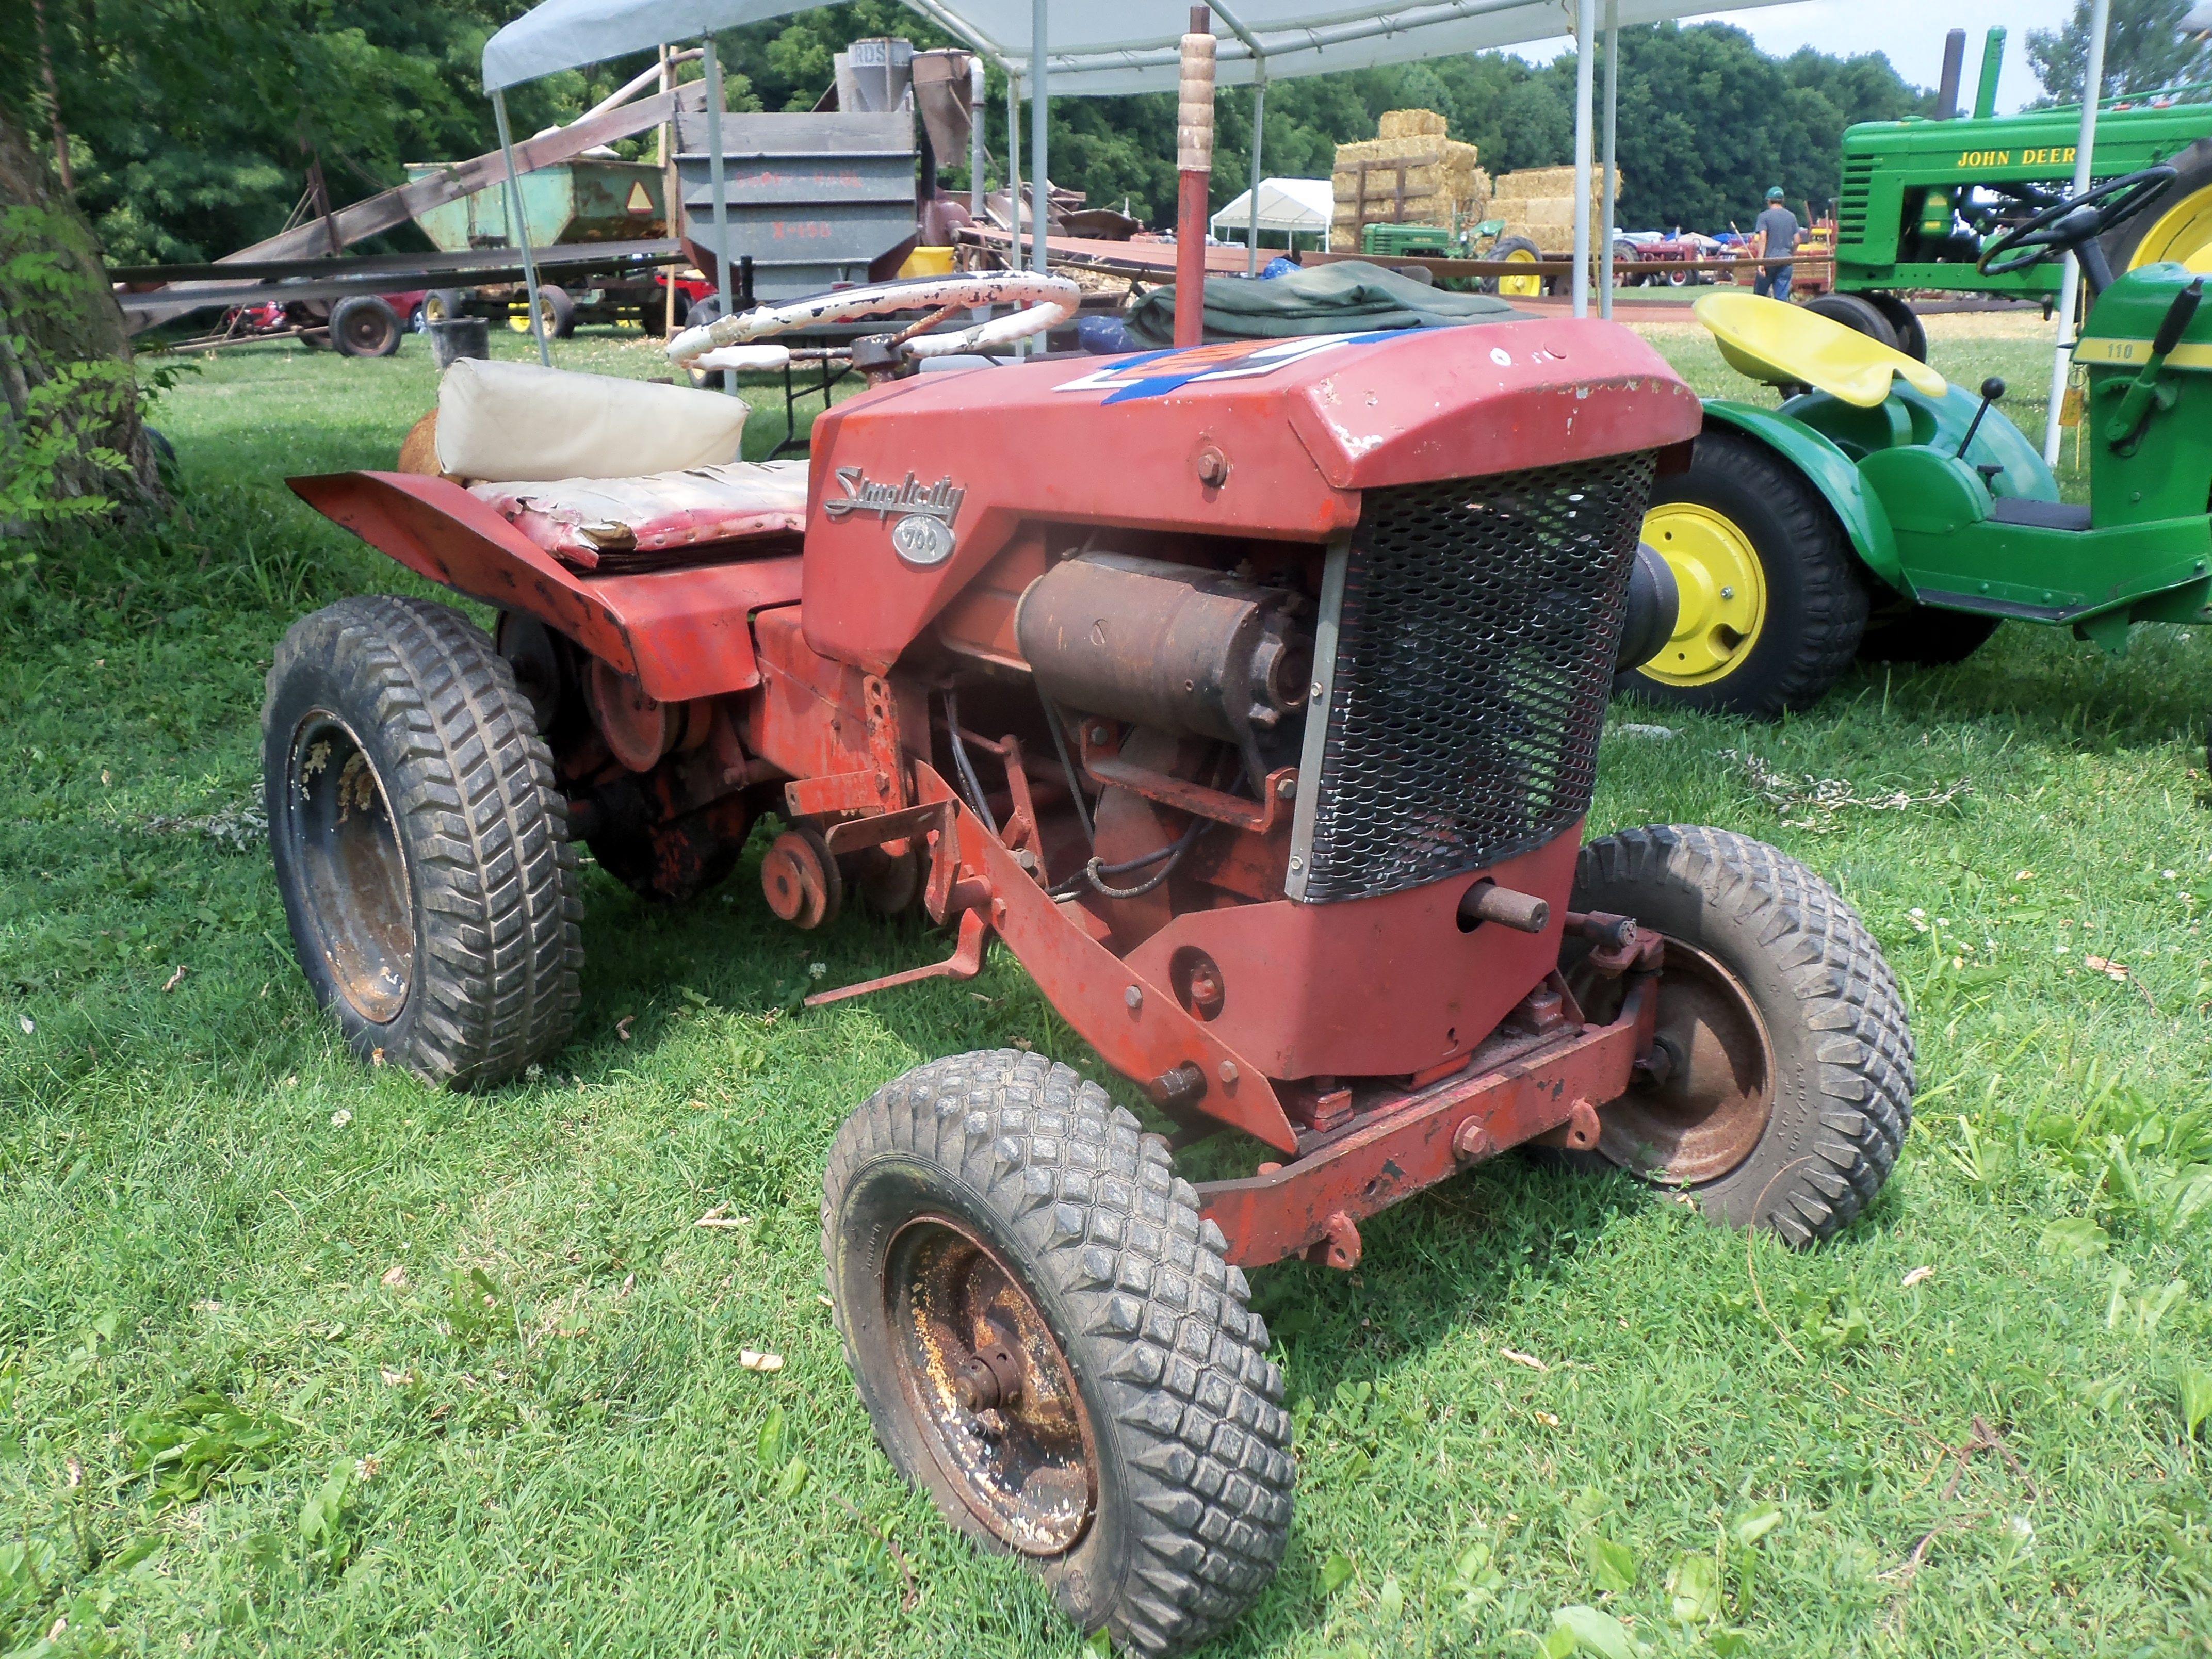 Simplicity 700 Lawn Garden Tractor Garden Tractor Lawn